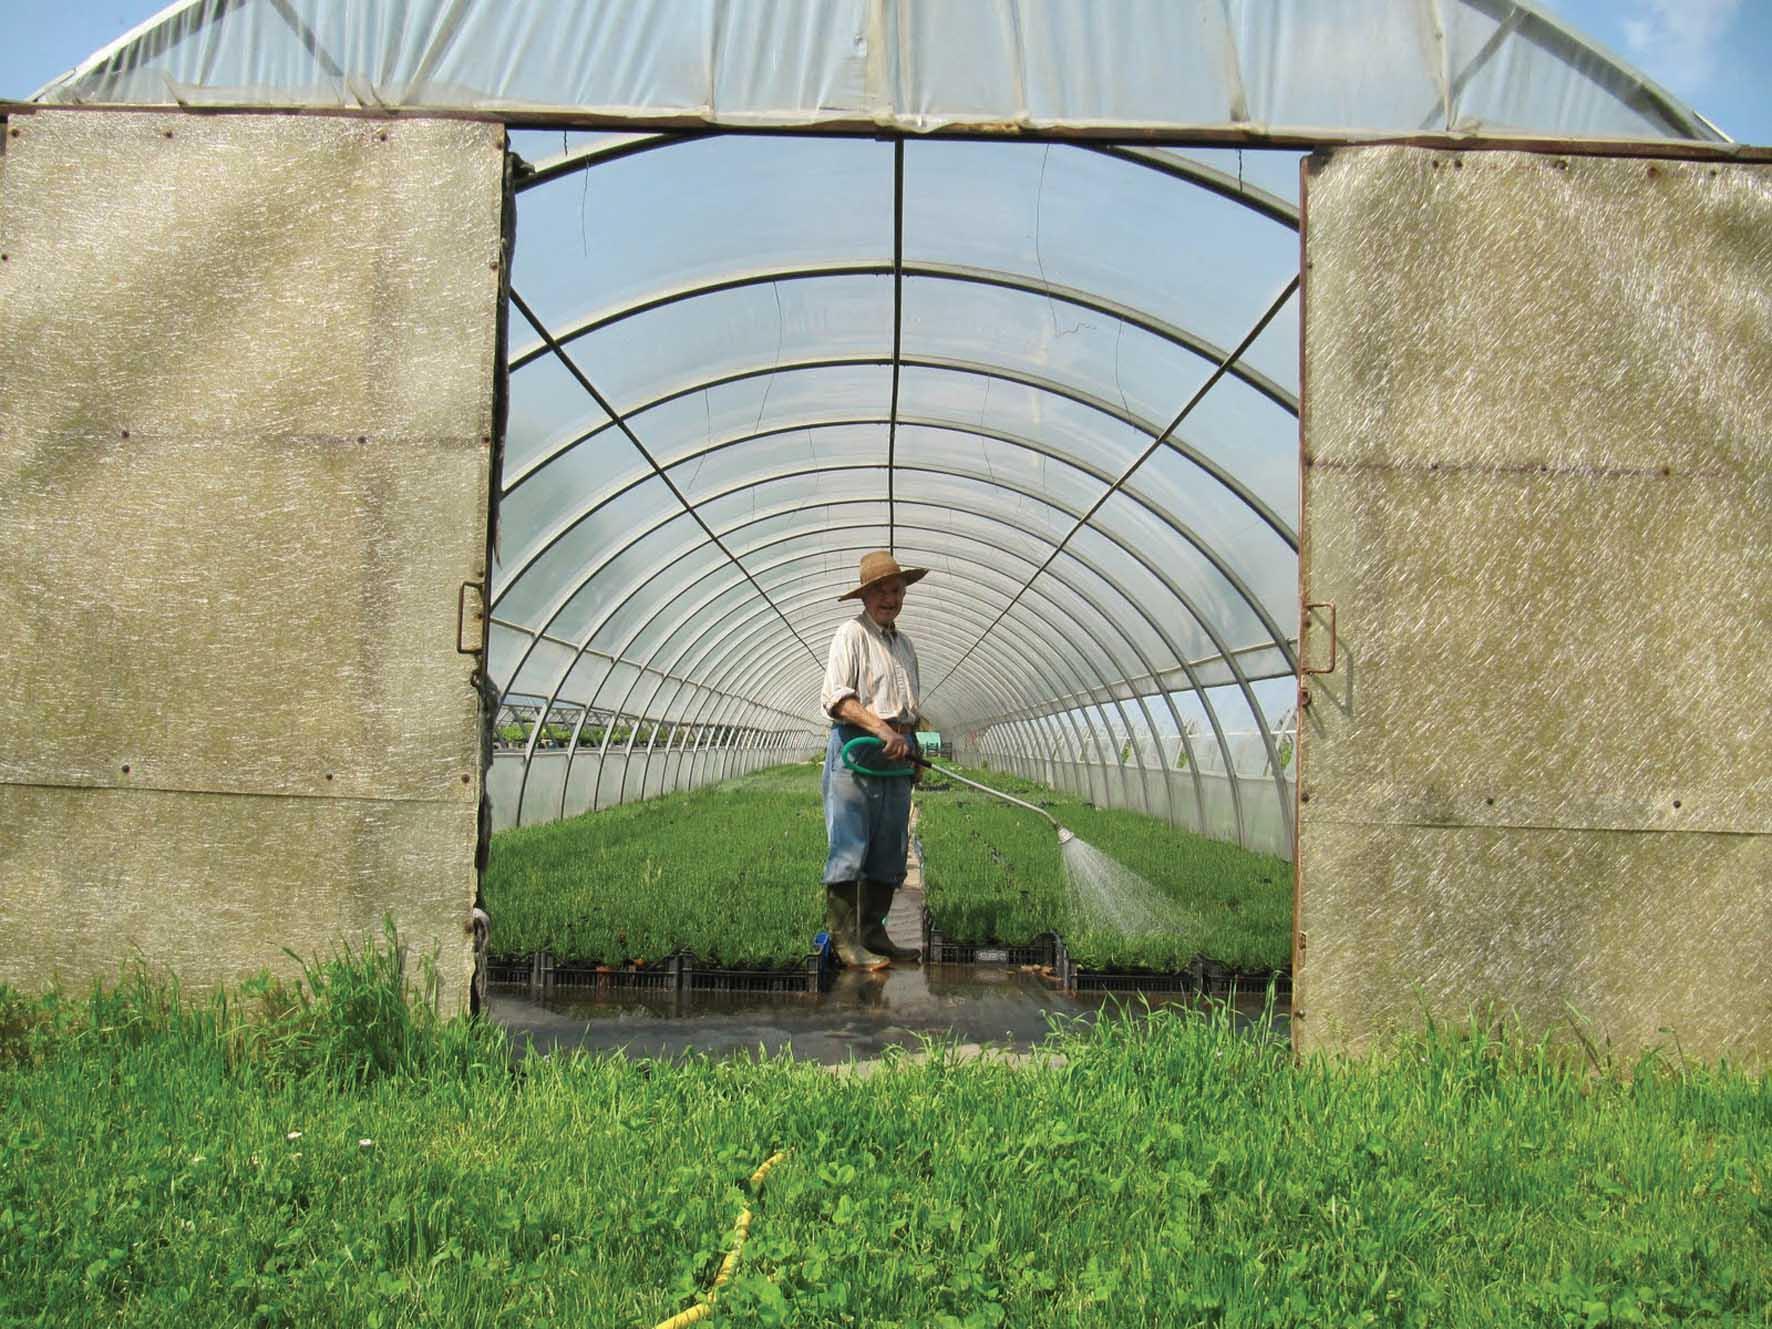 produzione agricola agricoltura agricoltore serra annaffiamento 1